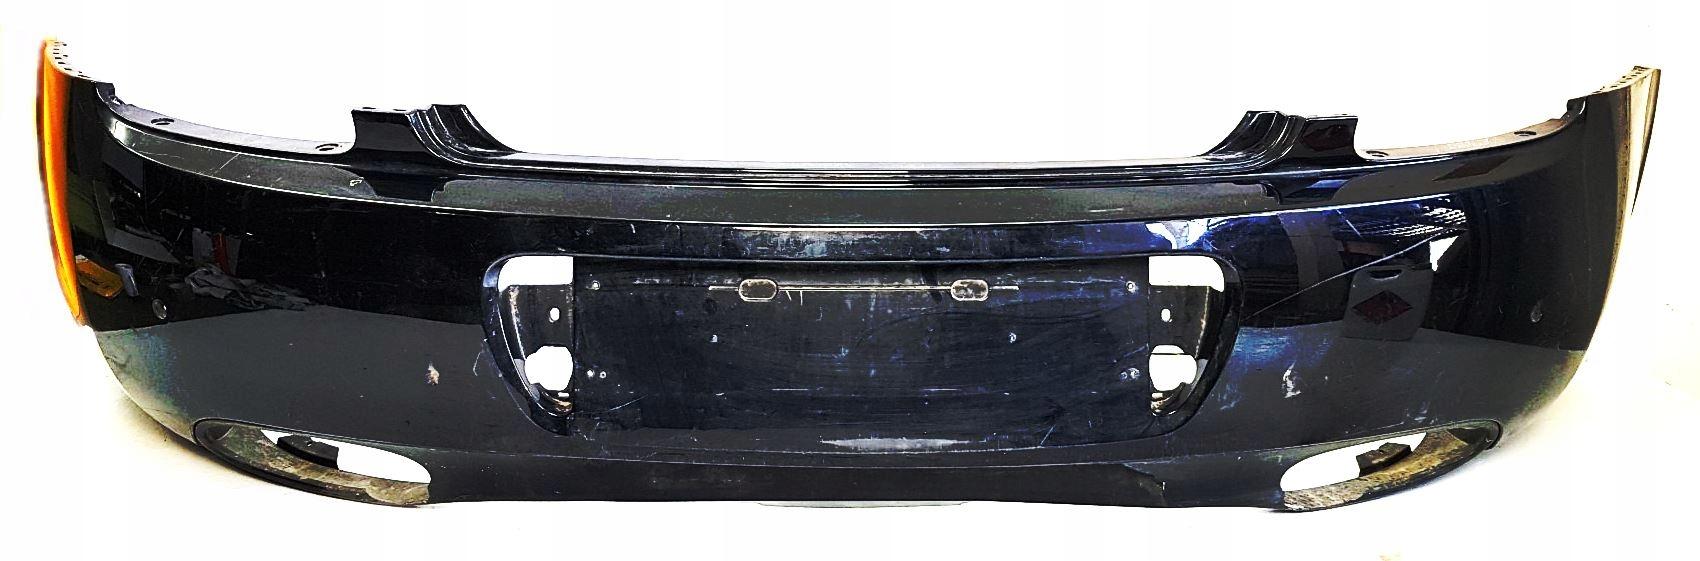 бампер сзади задняя панель bentley continental gt gtc 04-11